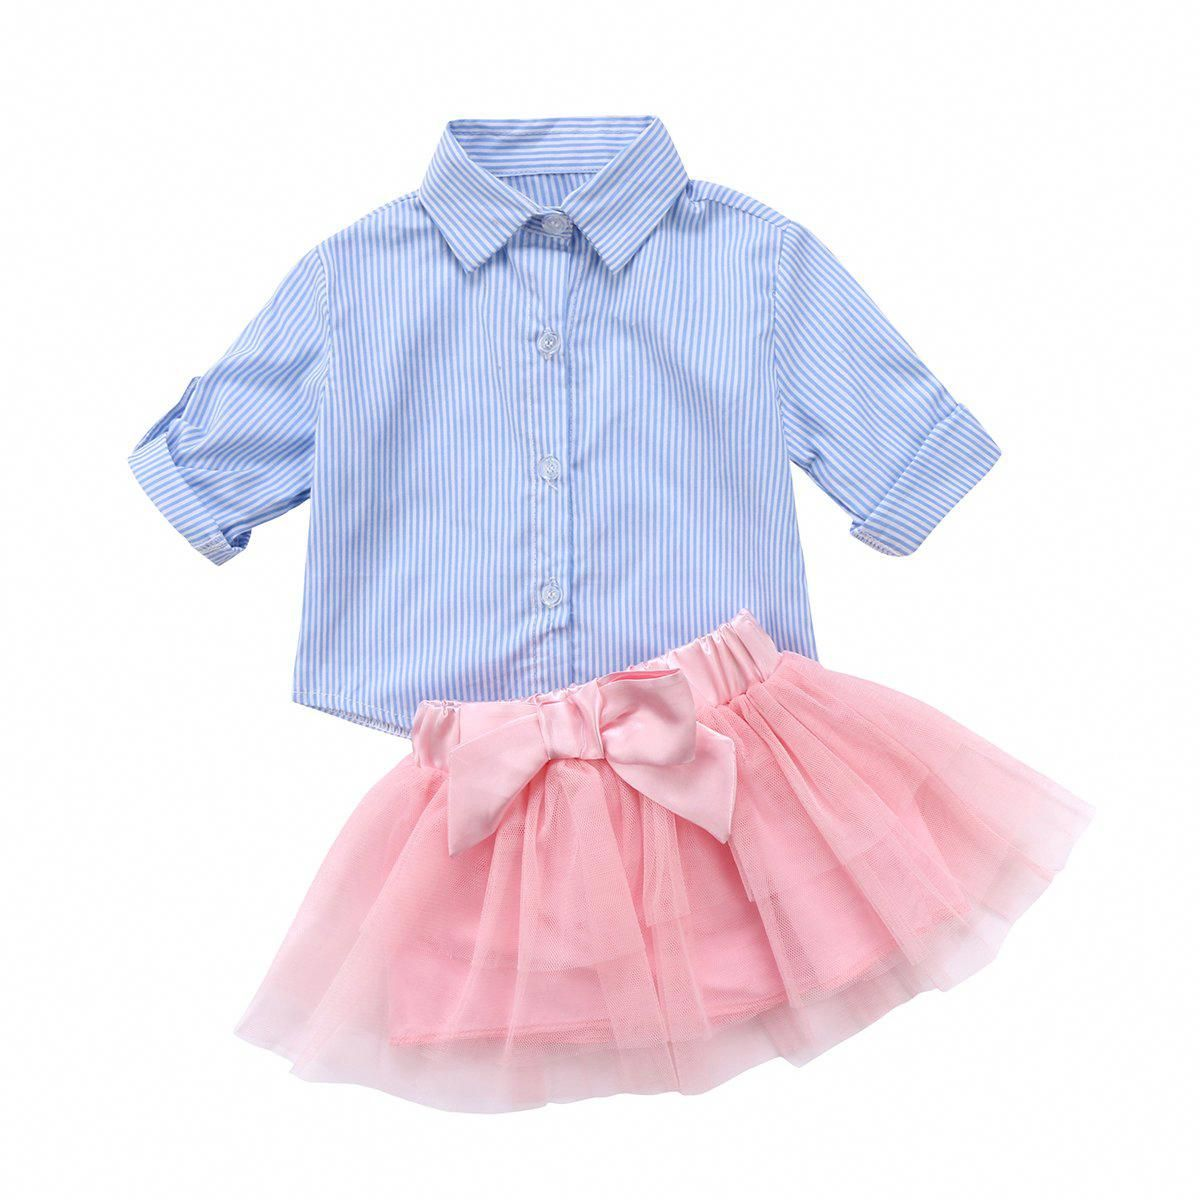 Baby Girl Kids Summer Dress Plaids Long sleeve Dresses T-shirt Tops Clothes Tutu